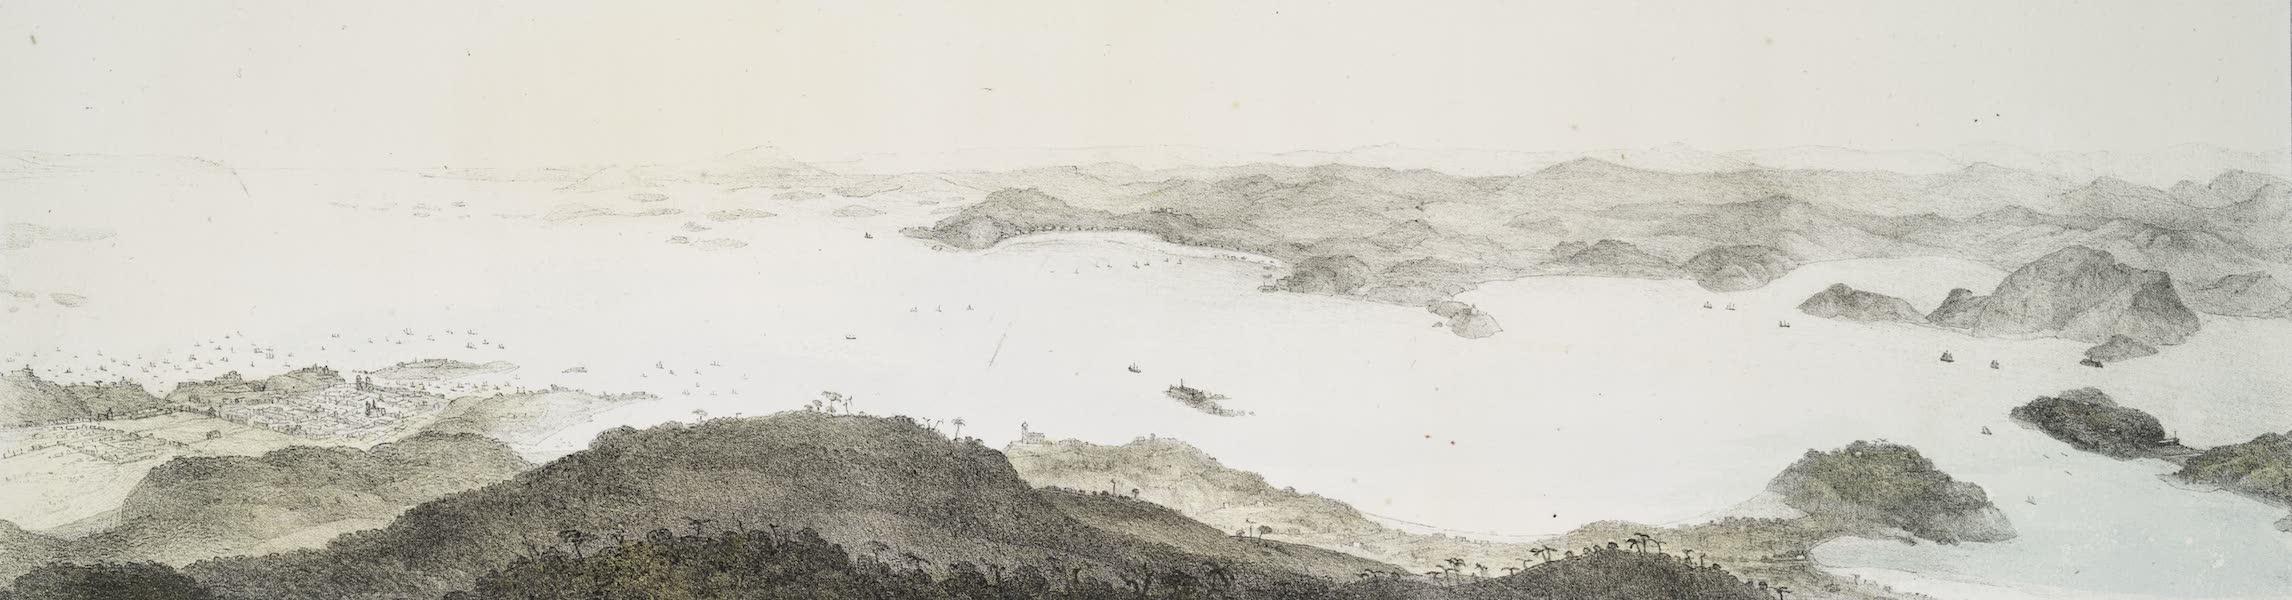 Voyage Pittoresque et Historique au Bresil Vol. 3 - Suite du Panorama de la Baie de Rio de Janeiro [I] (1839)